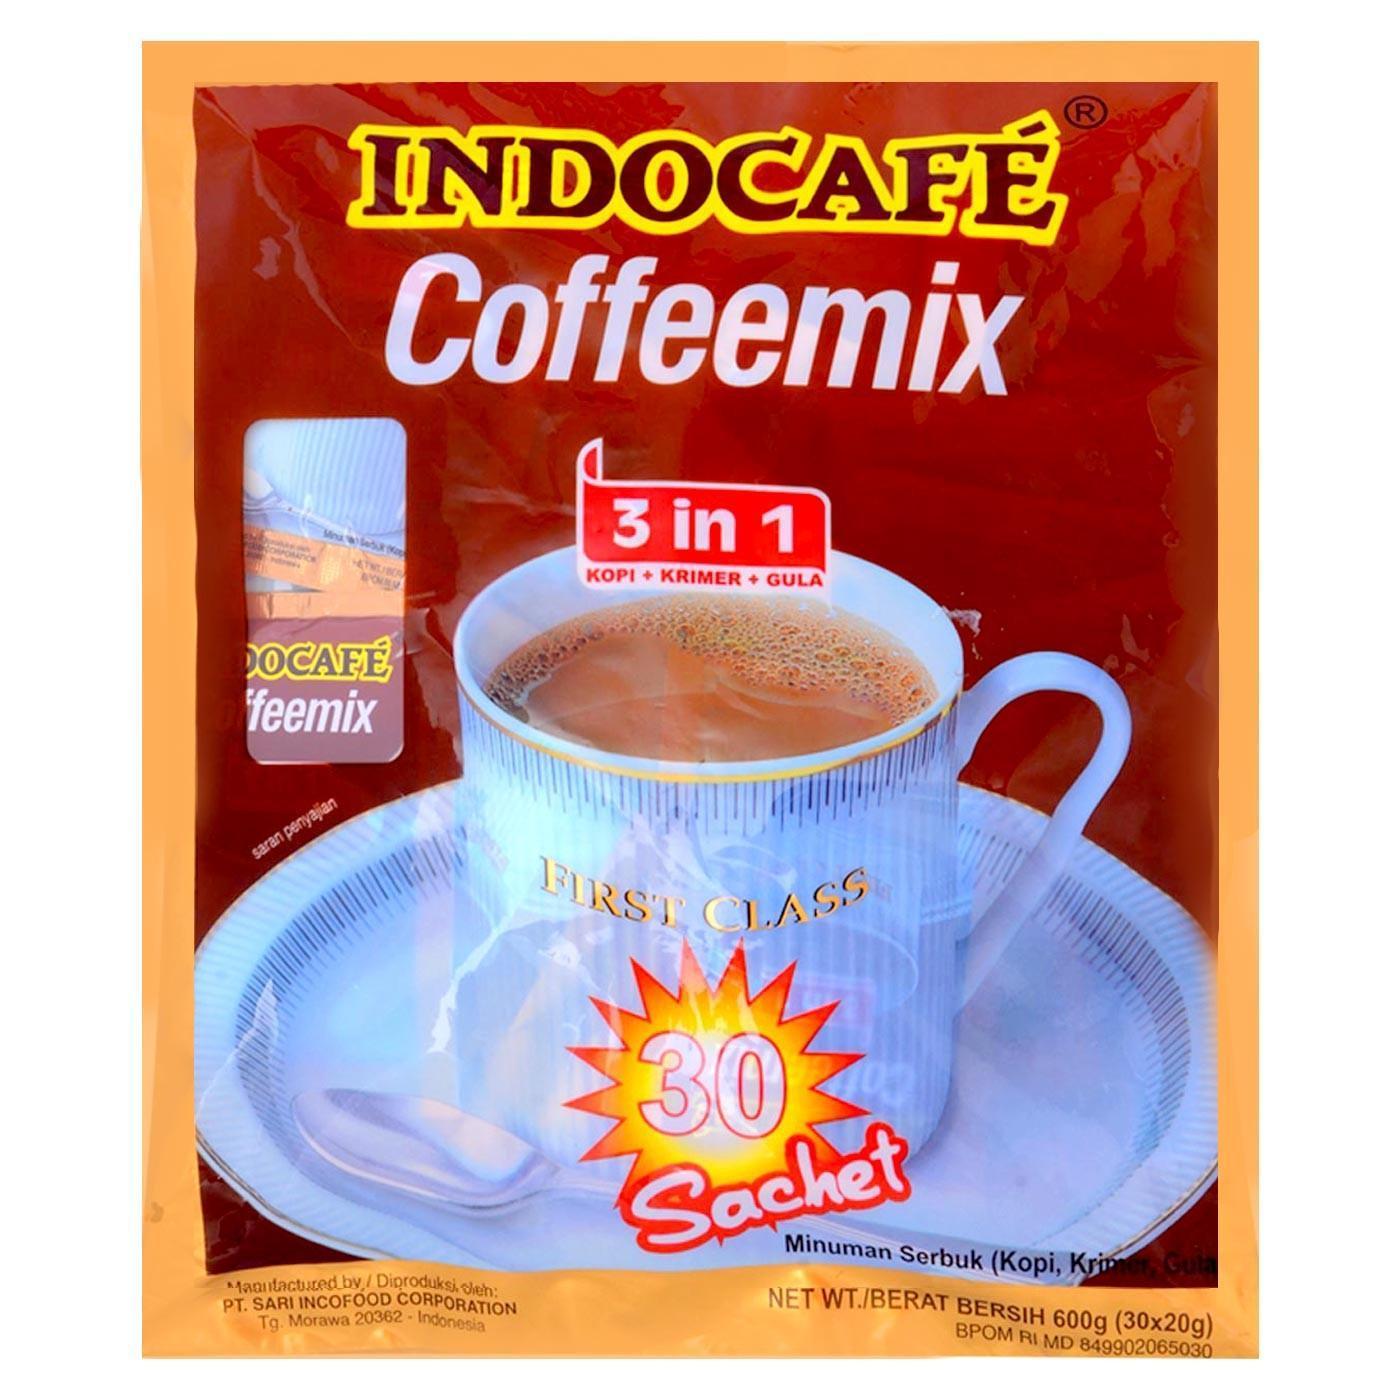 Kopi Biji Bubuk Jantan Warung Tinggi Premium Blended Coffee 1 Kg Indocafe Coffeemix 30x20g